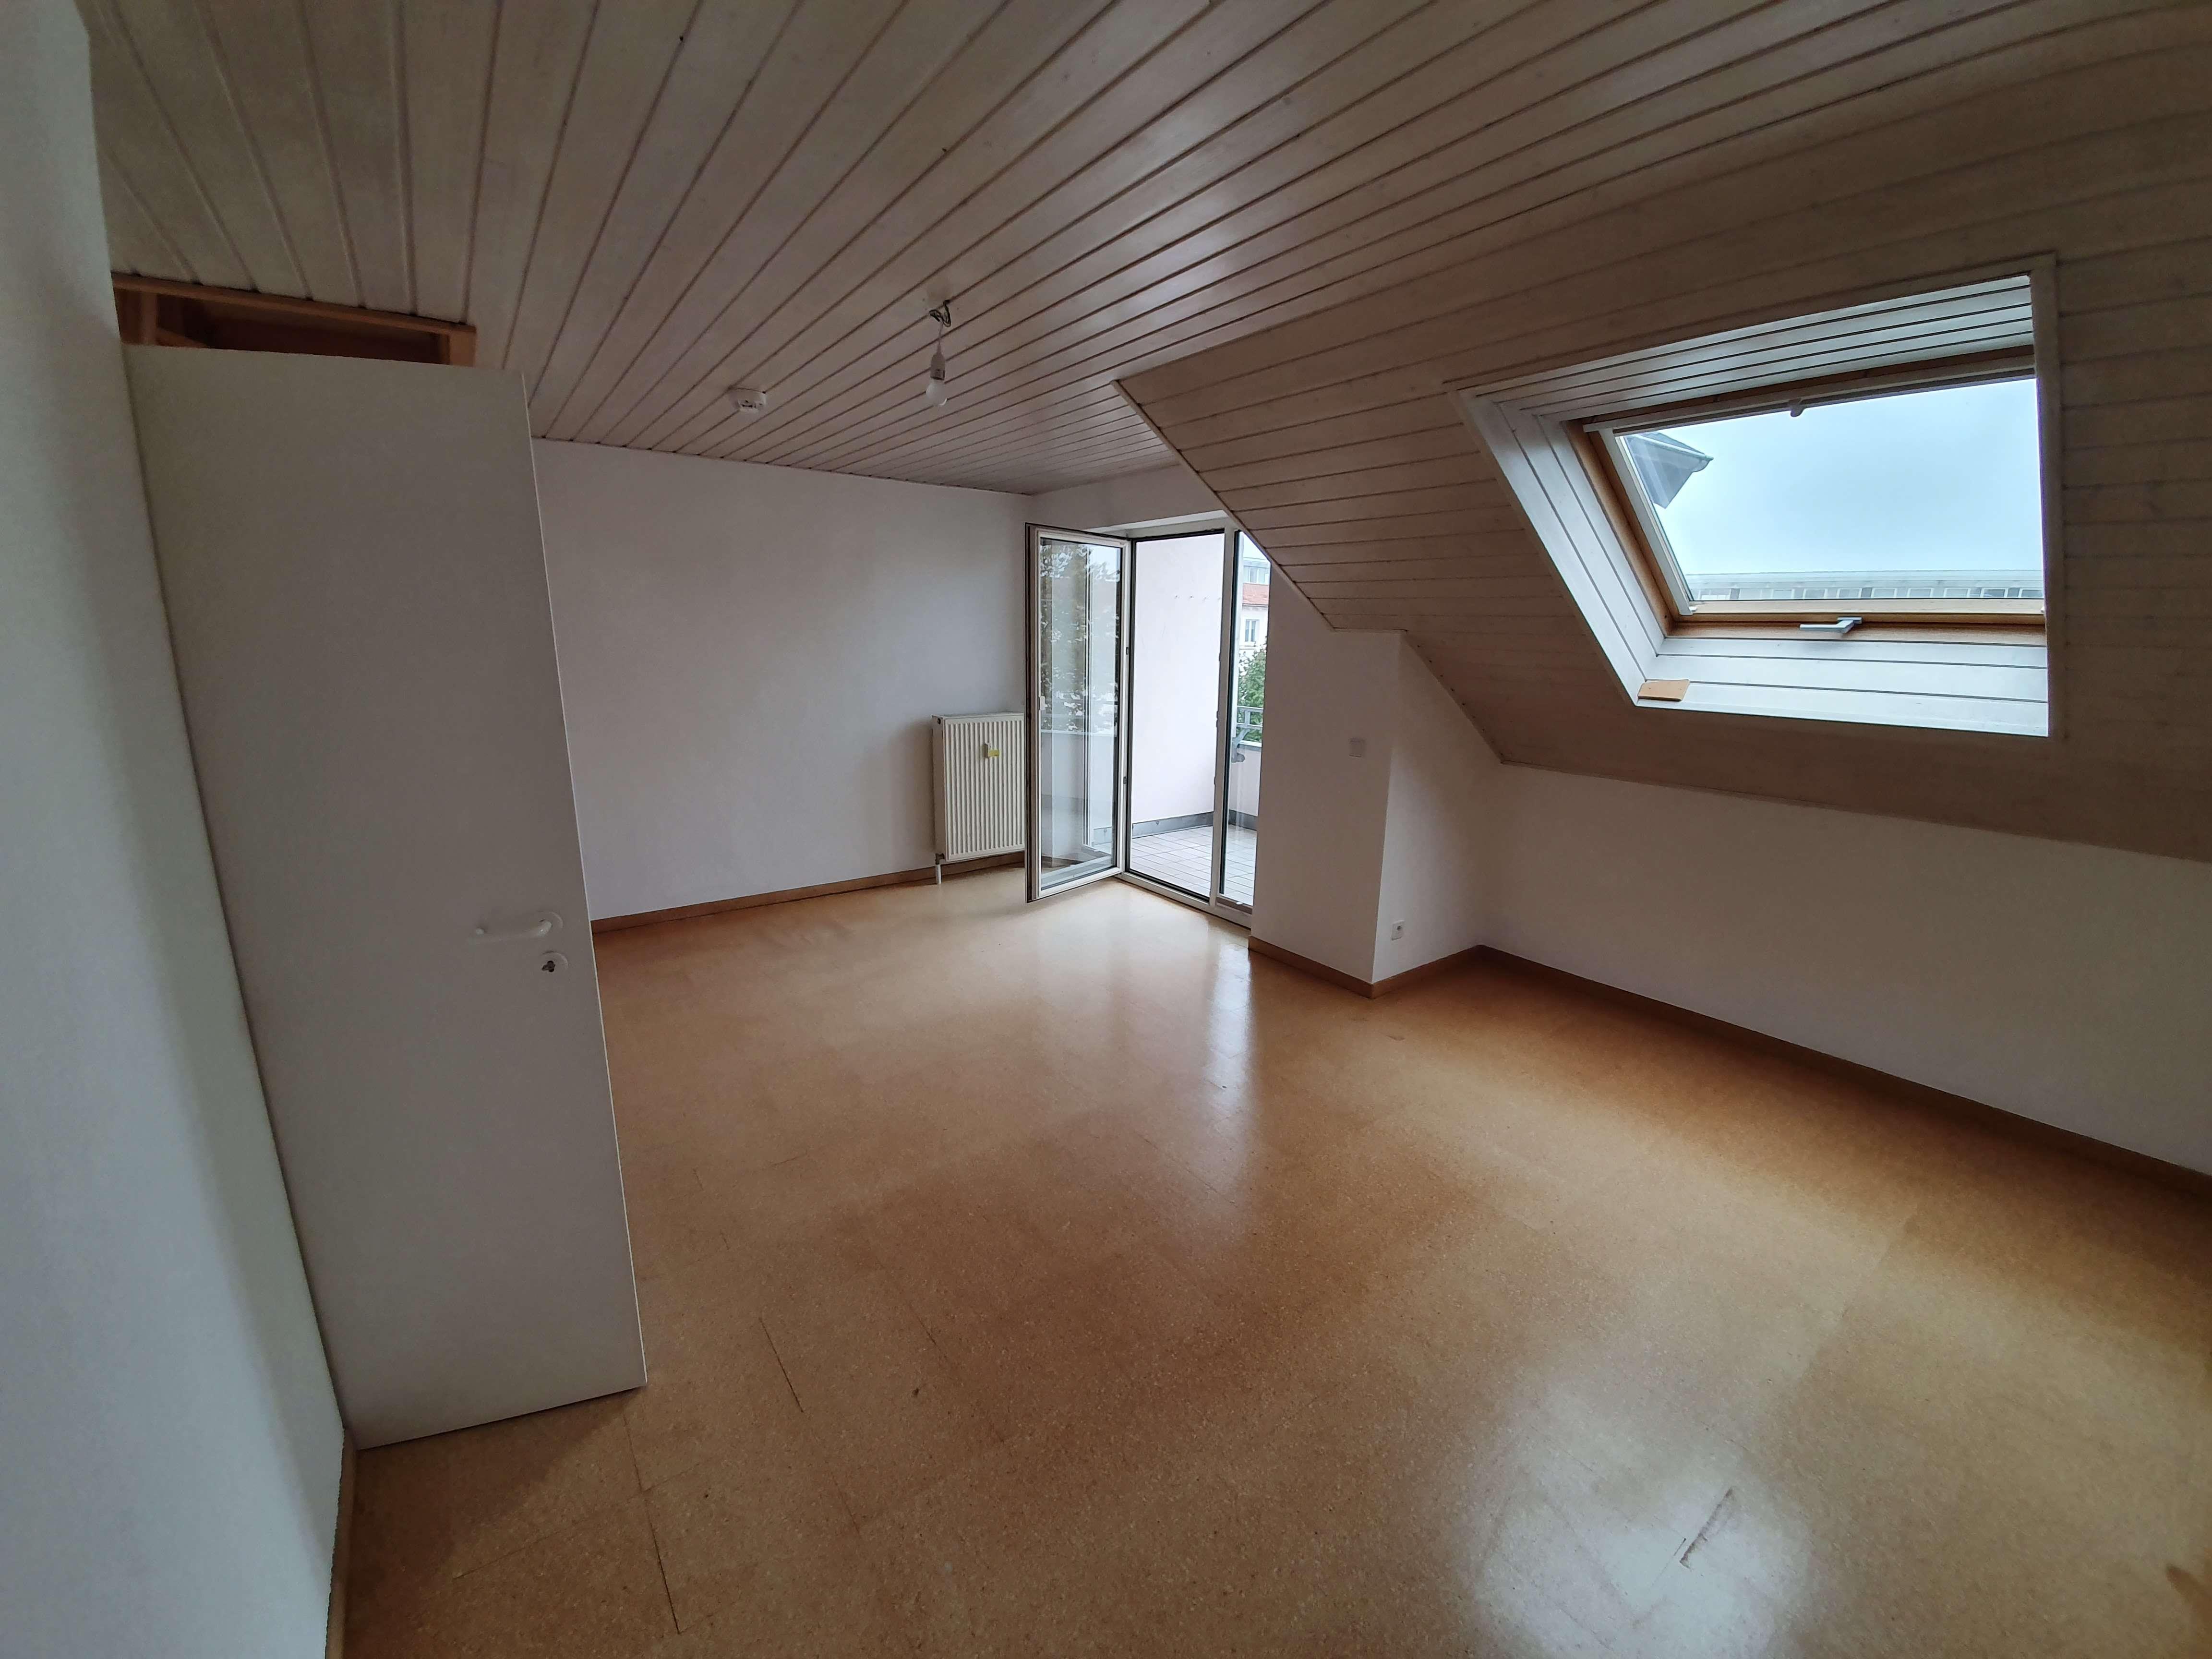 Schöne 2,5-Zimmer-Wohnung in Ingolstadt, ca. 72 m² in Südwest (Ingolstadt)